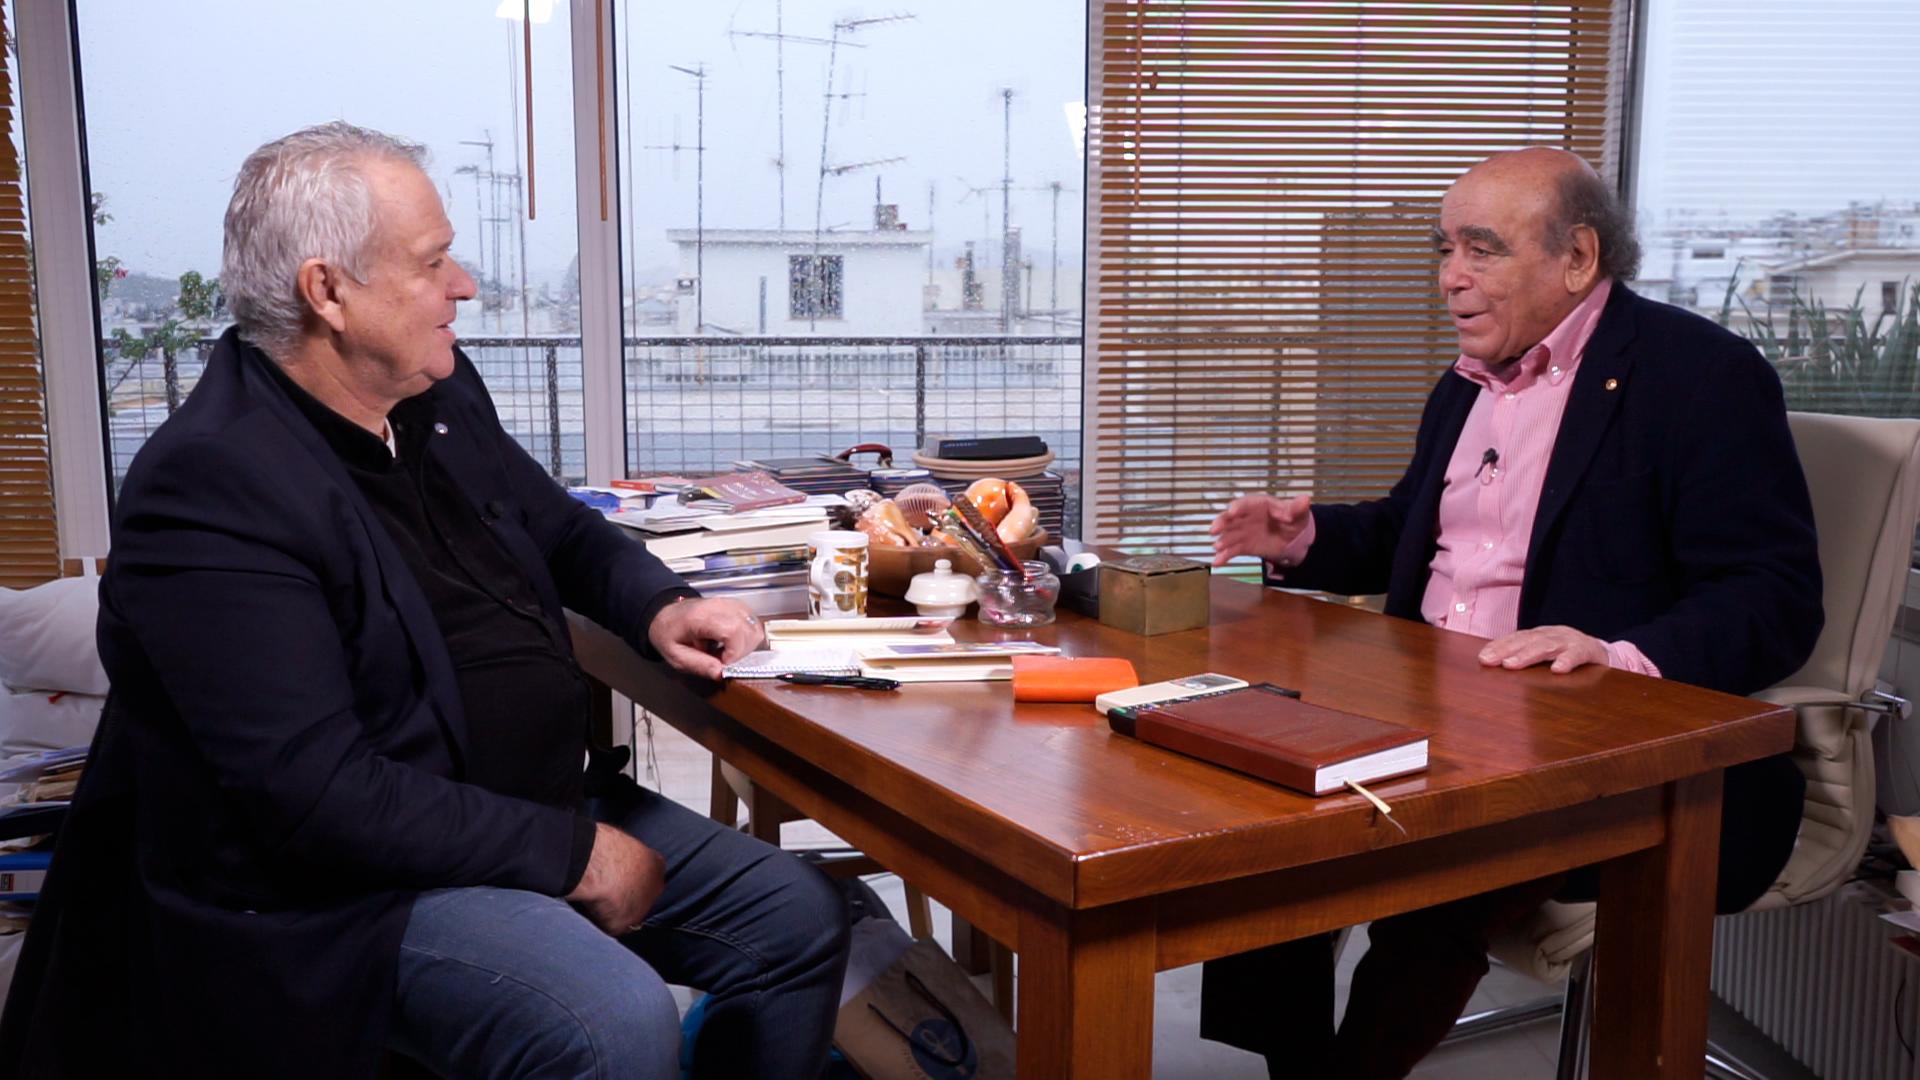 Ο Γιώργος Χρονάς (αριστερά) με τον Θανάση Βαλτινό